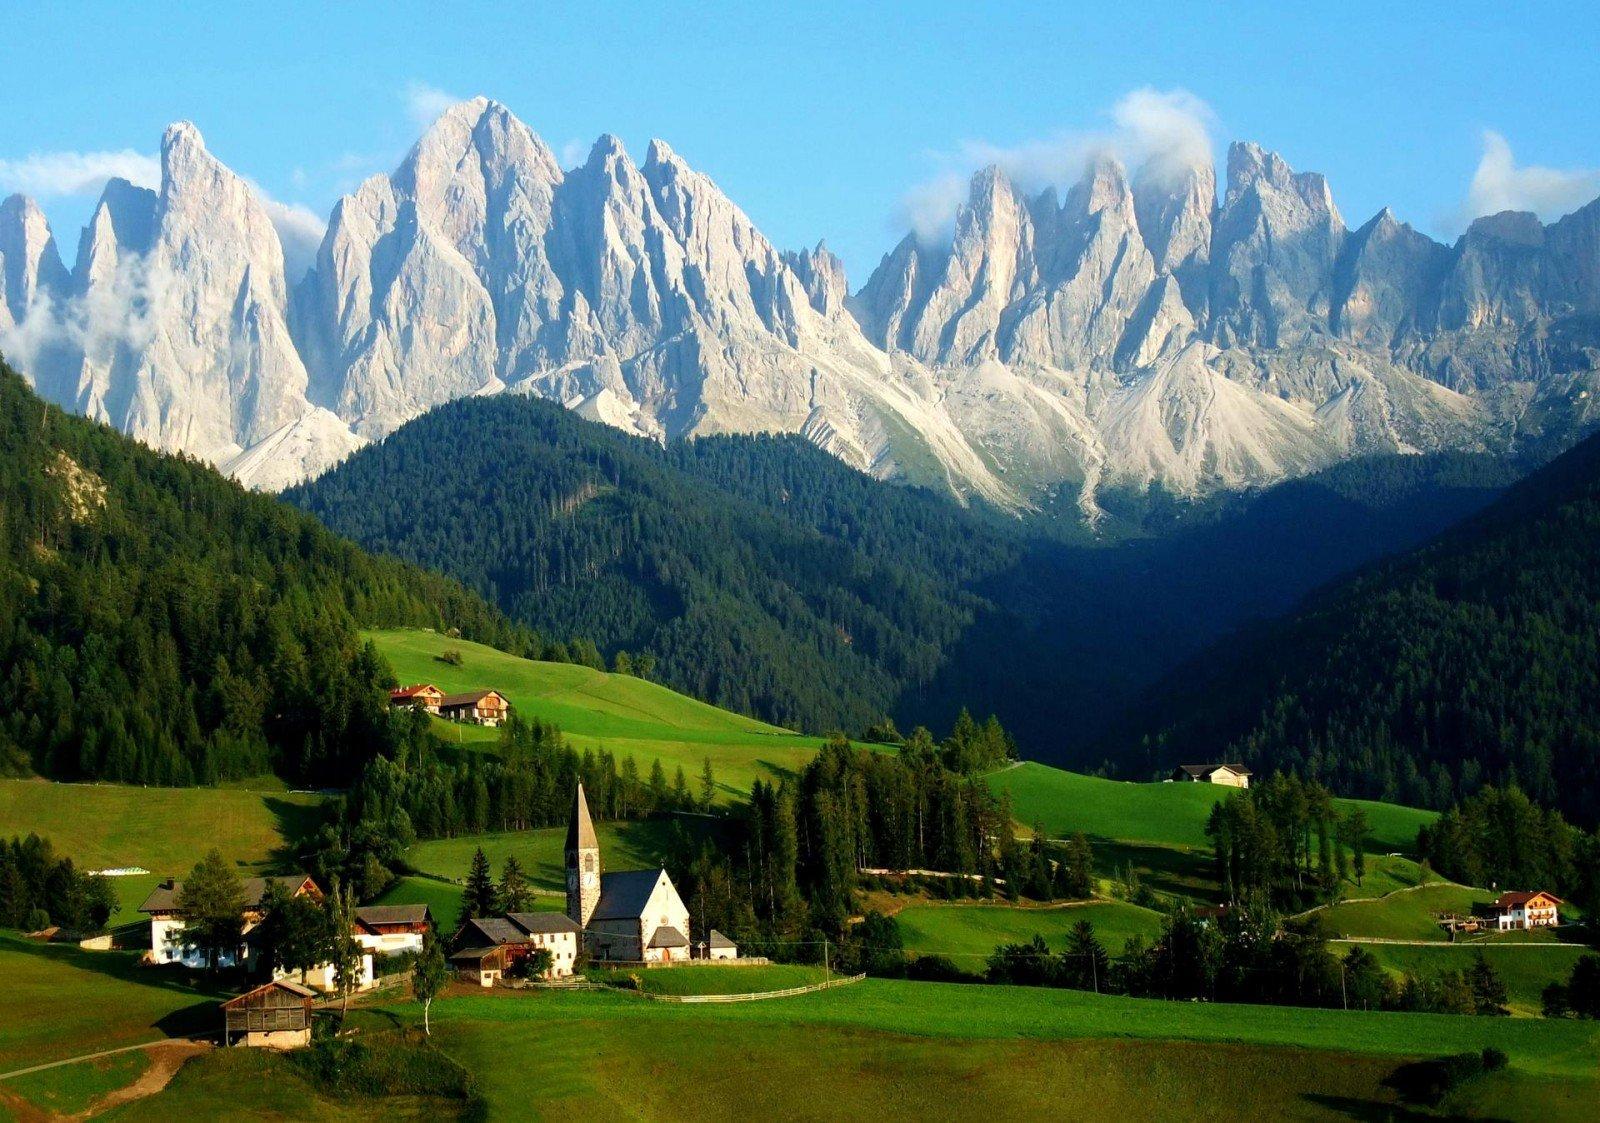 слышны красивые картинки про горы скороспелый